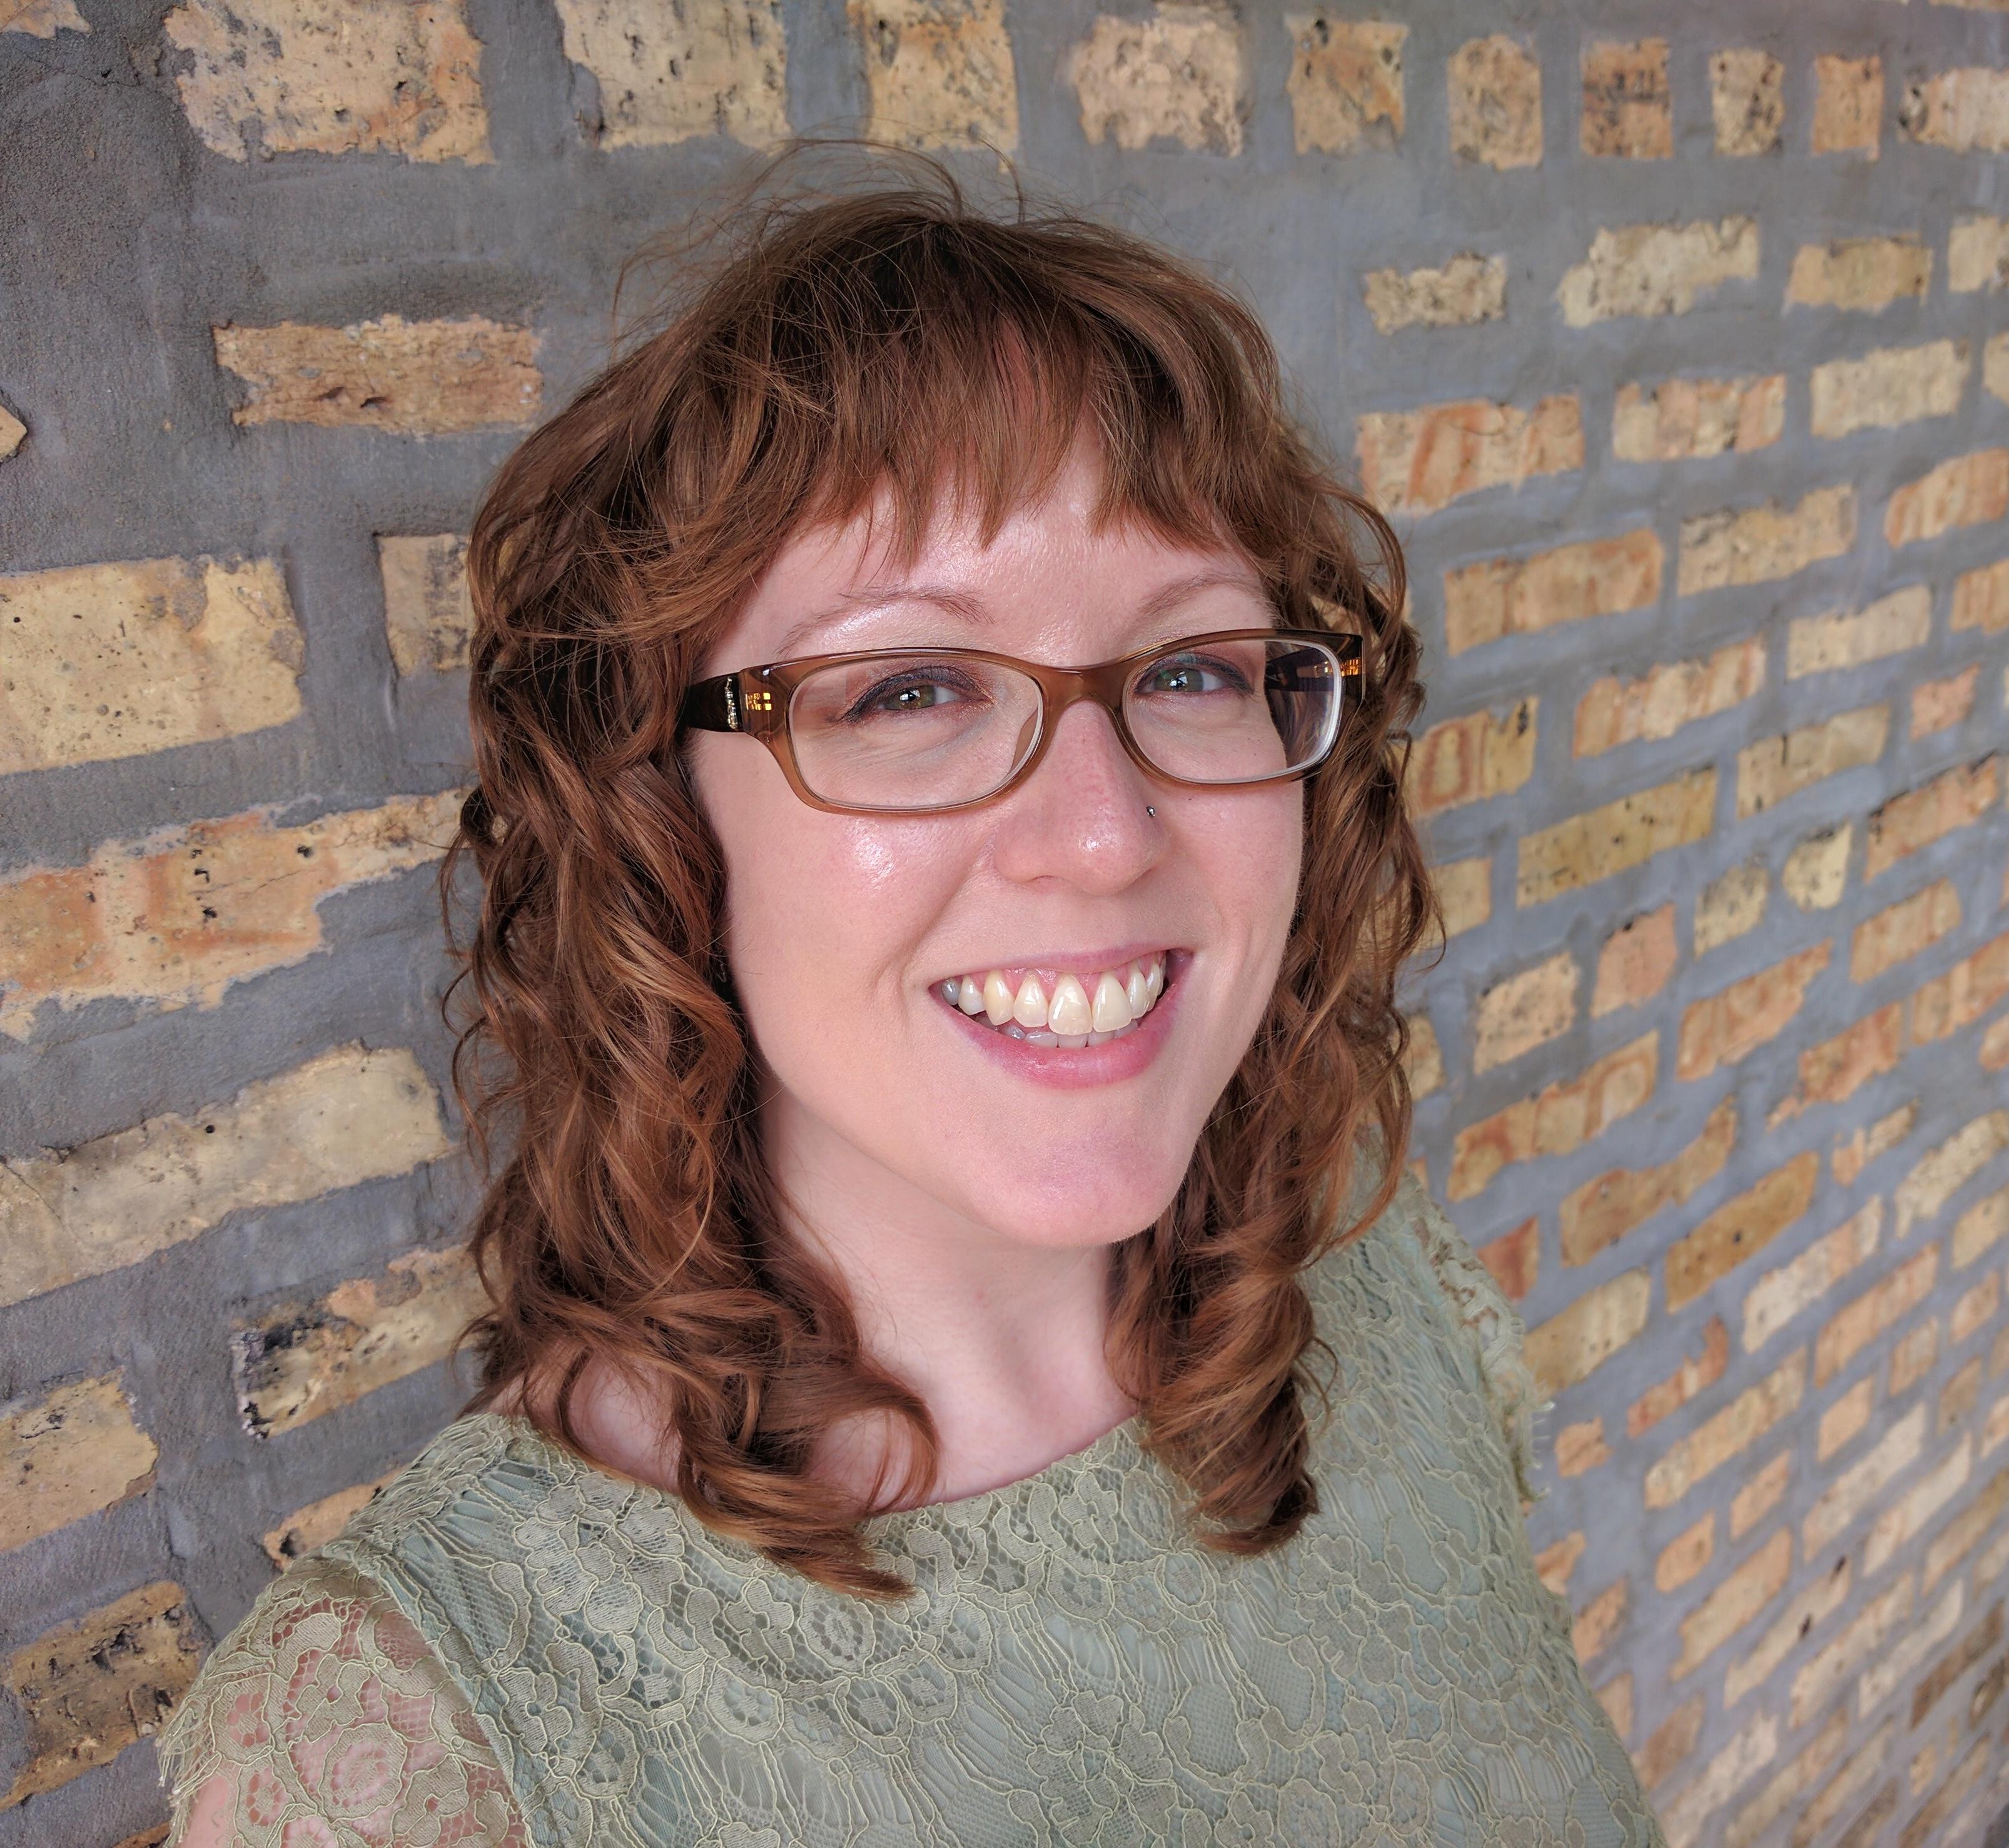 Katlin Schneider